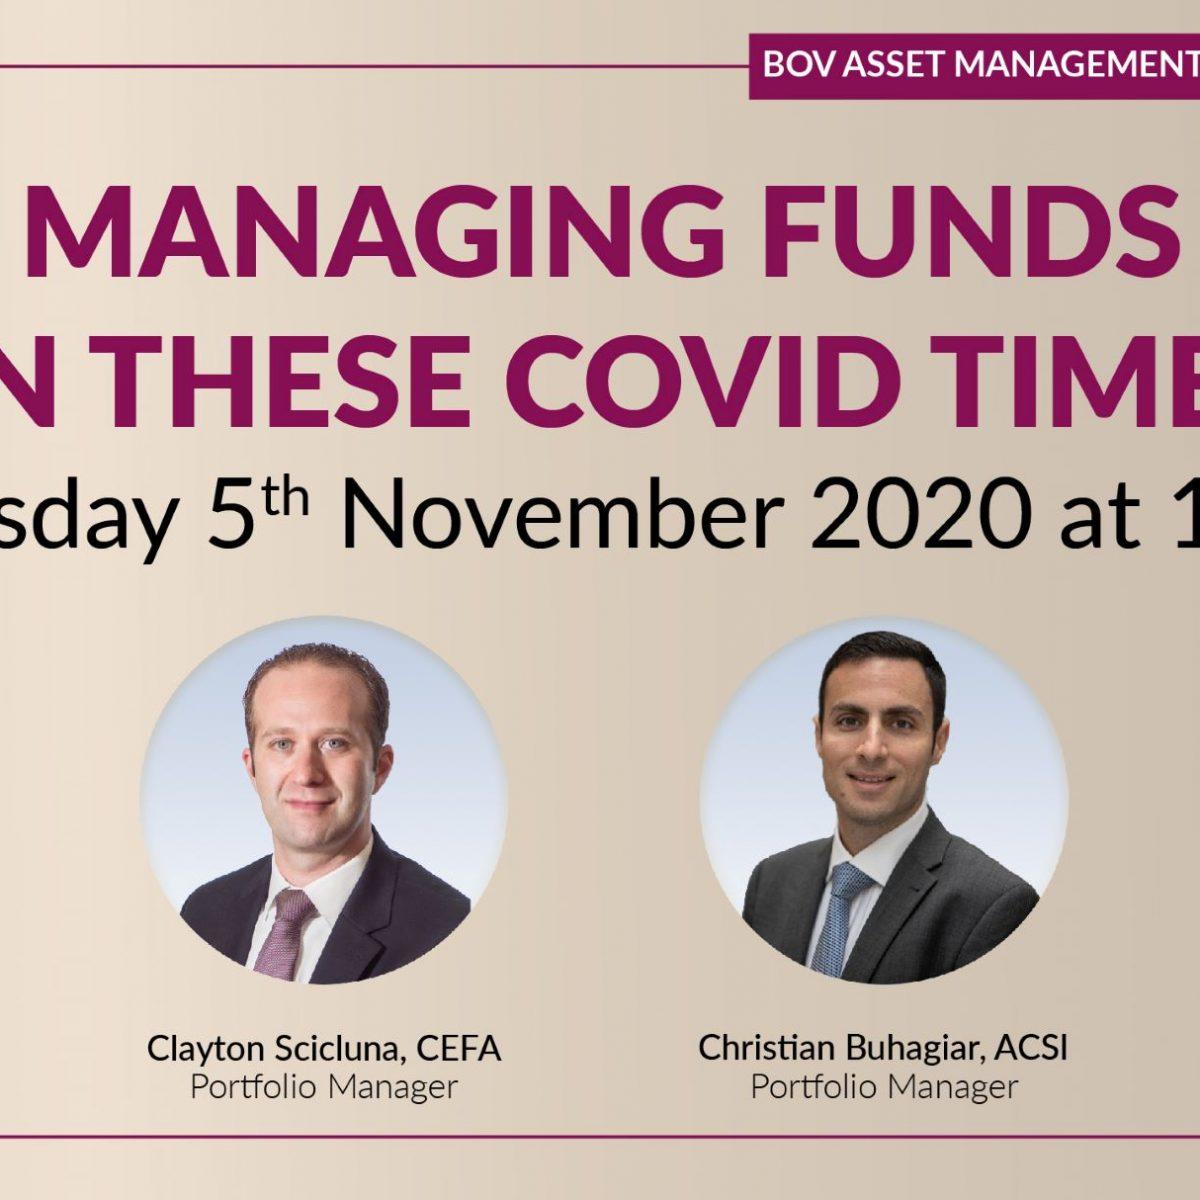 More free BOV COVID-19 Webinars in November